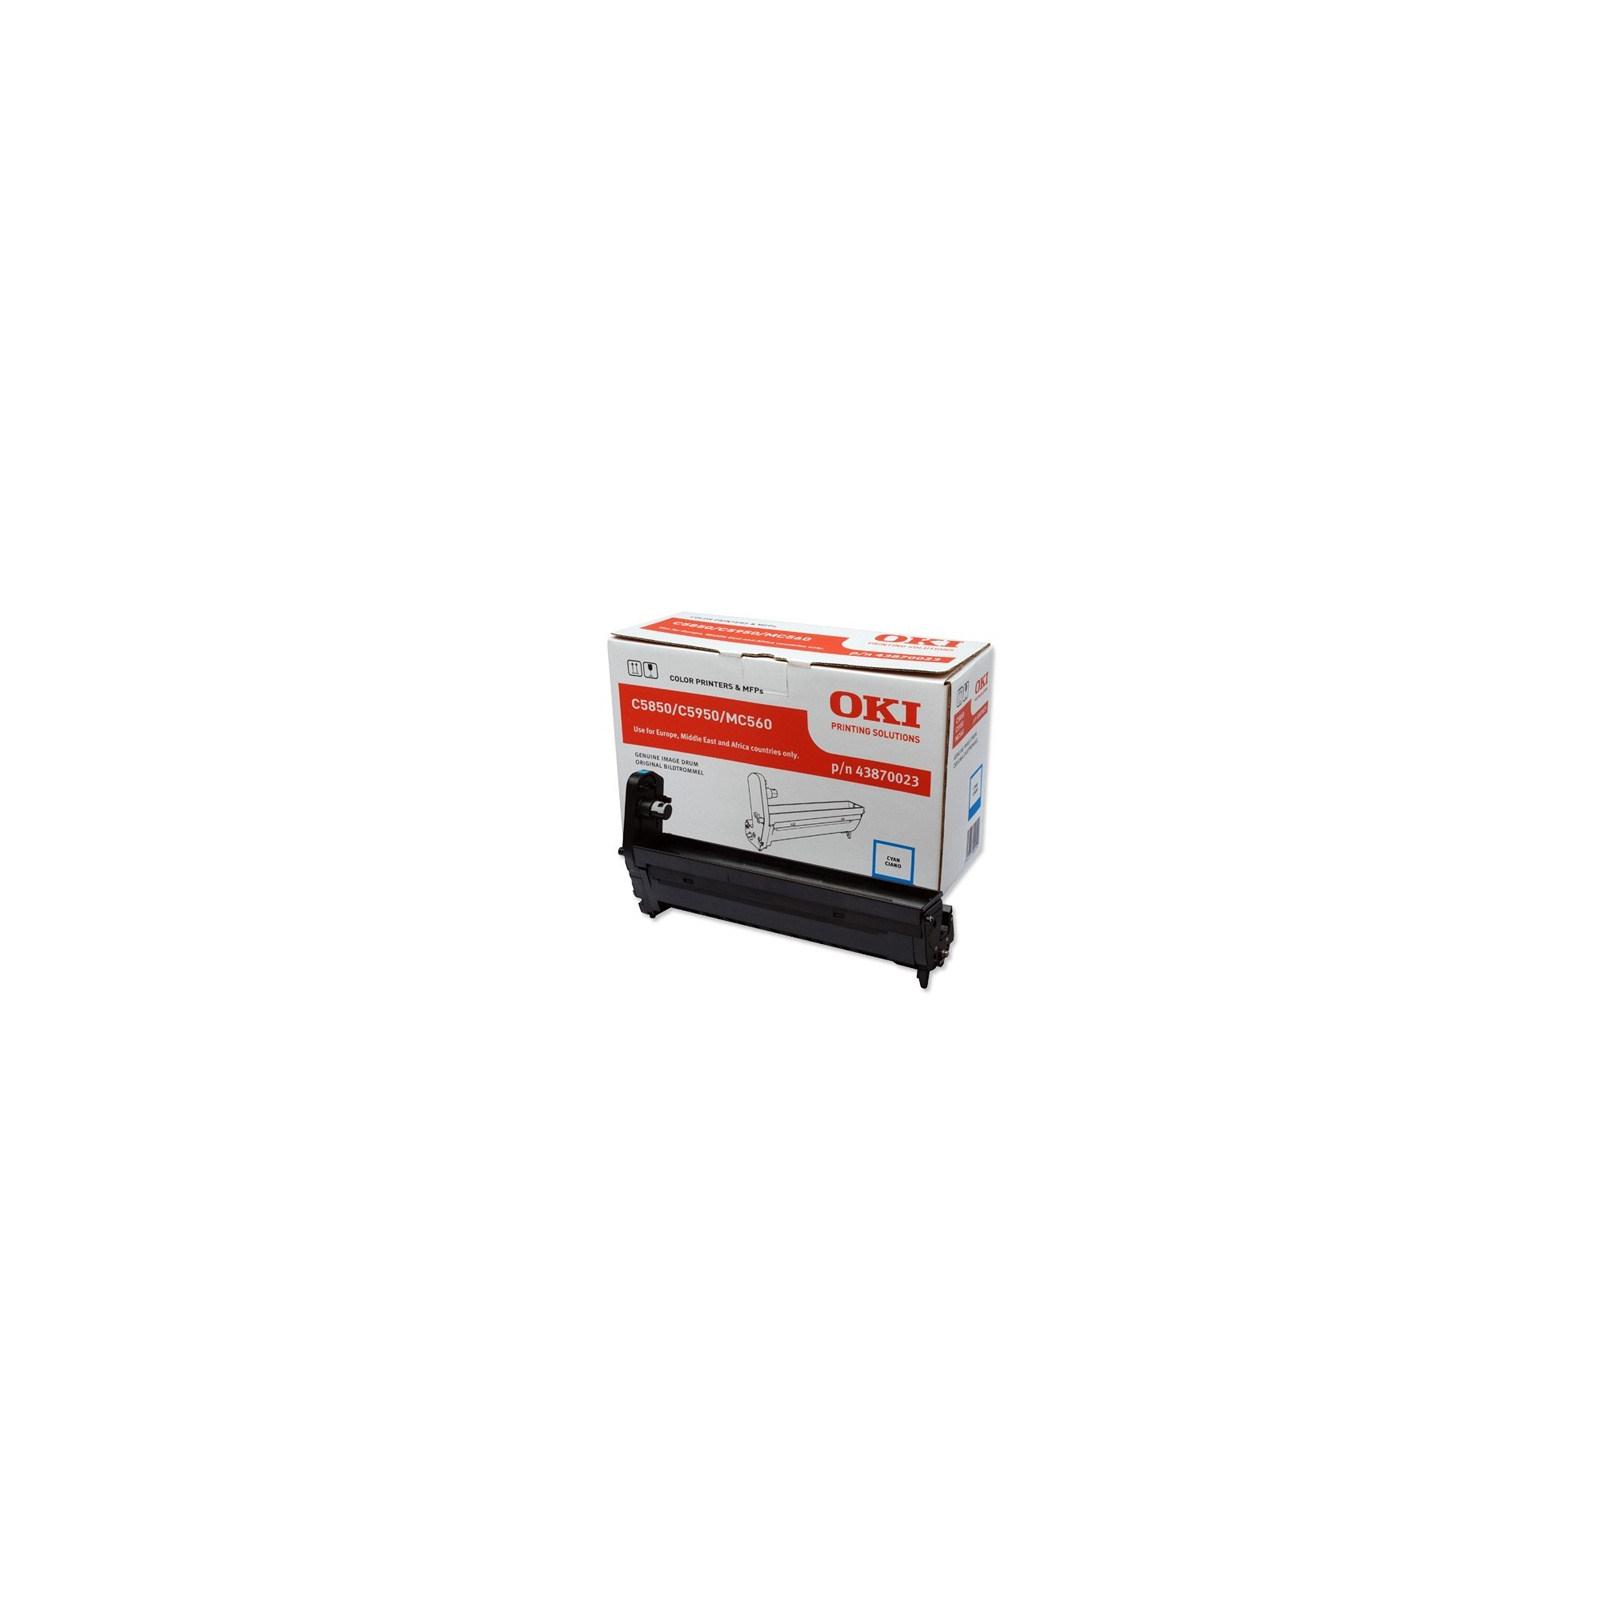 Фотокондуктор OKI C5850/5950 Cyan (43870023)